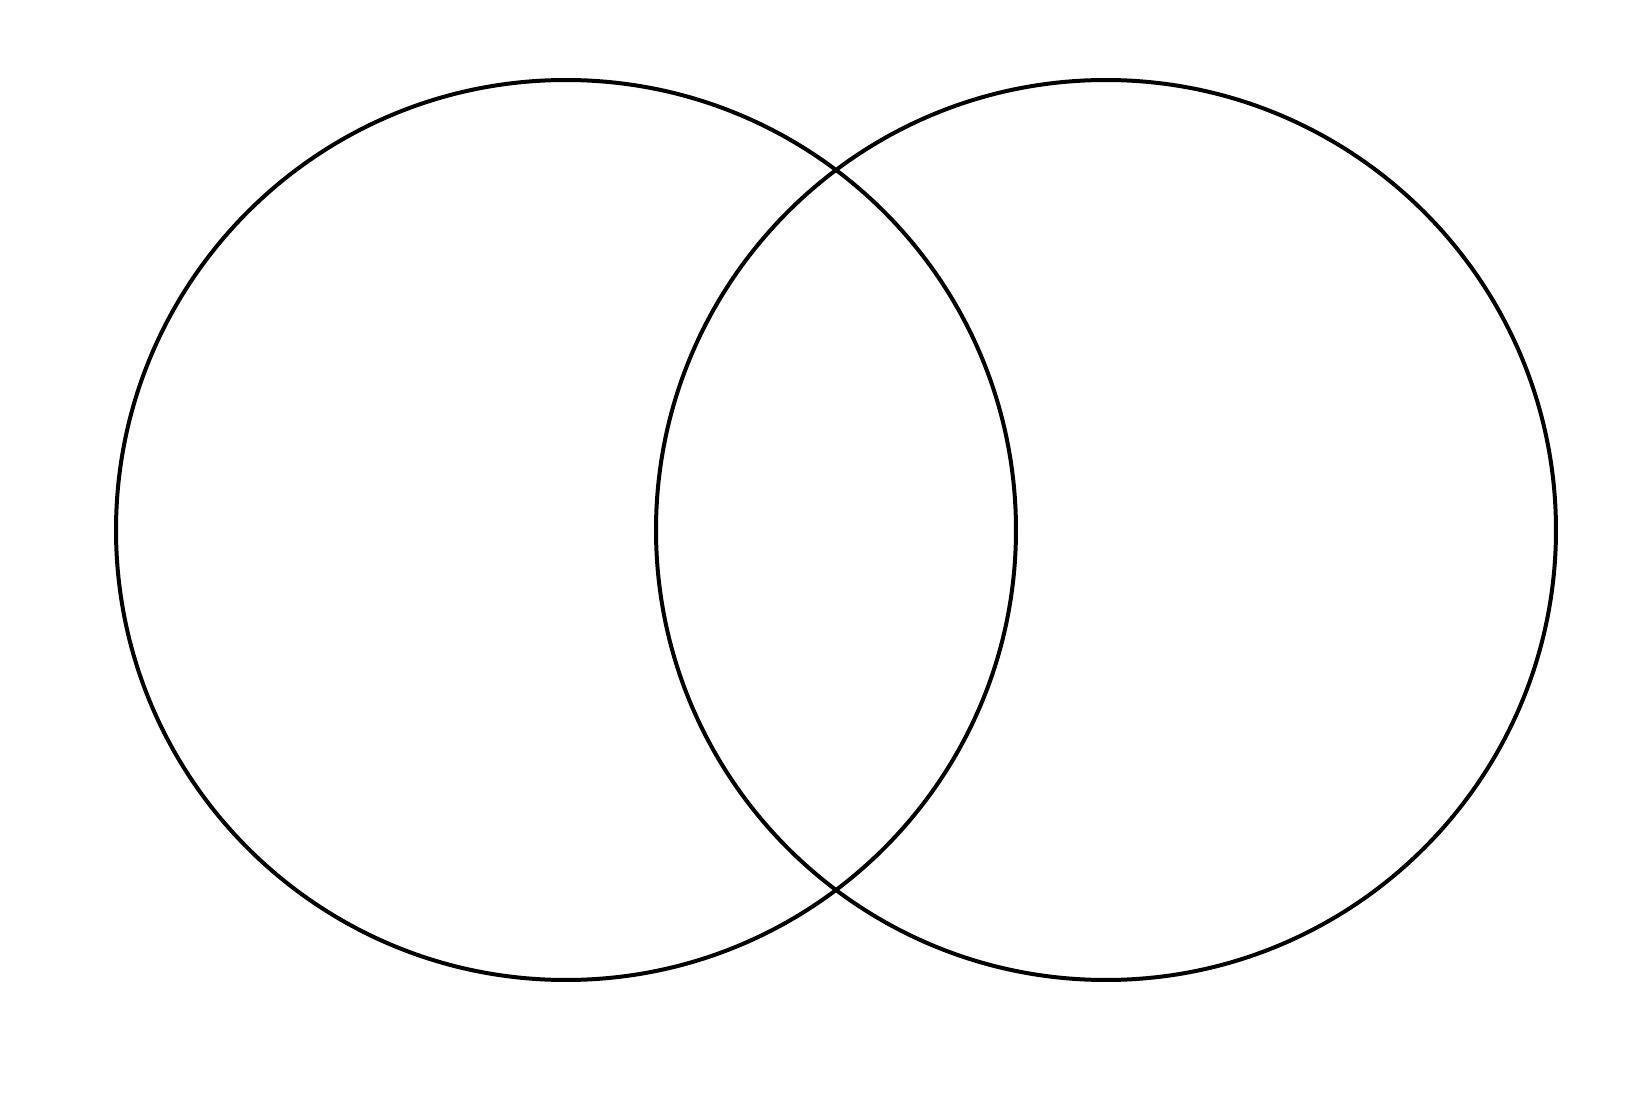 Venn Diagram Template Online Venn Diagram Maker Lucidchart